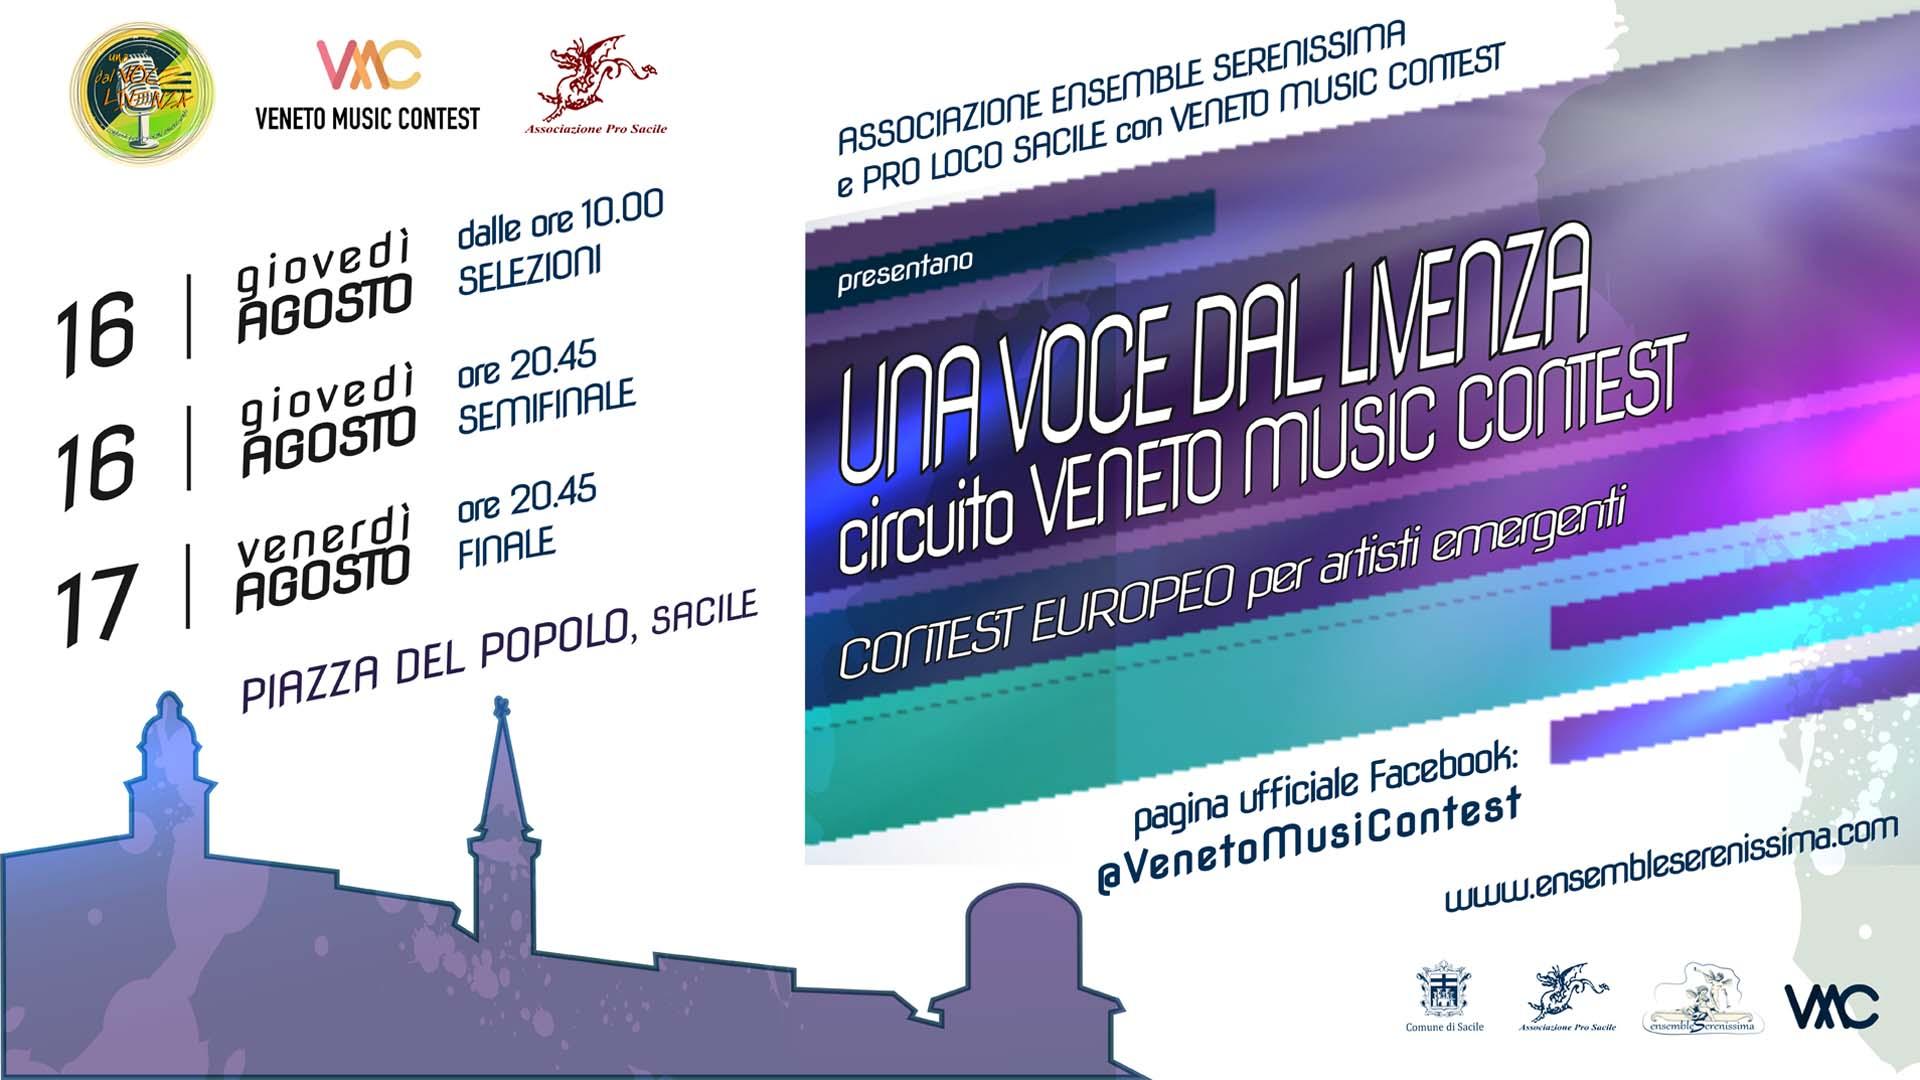 Una Voce dal Livenza: circuito Veneto Music Contest